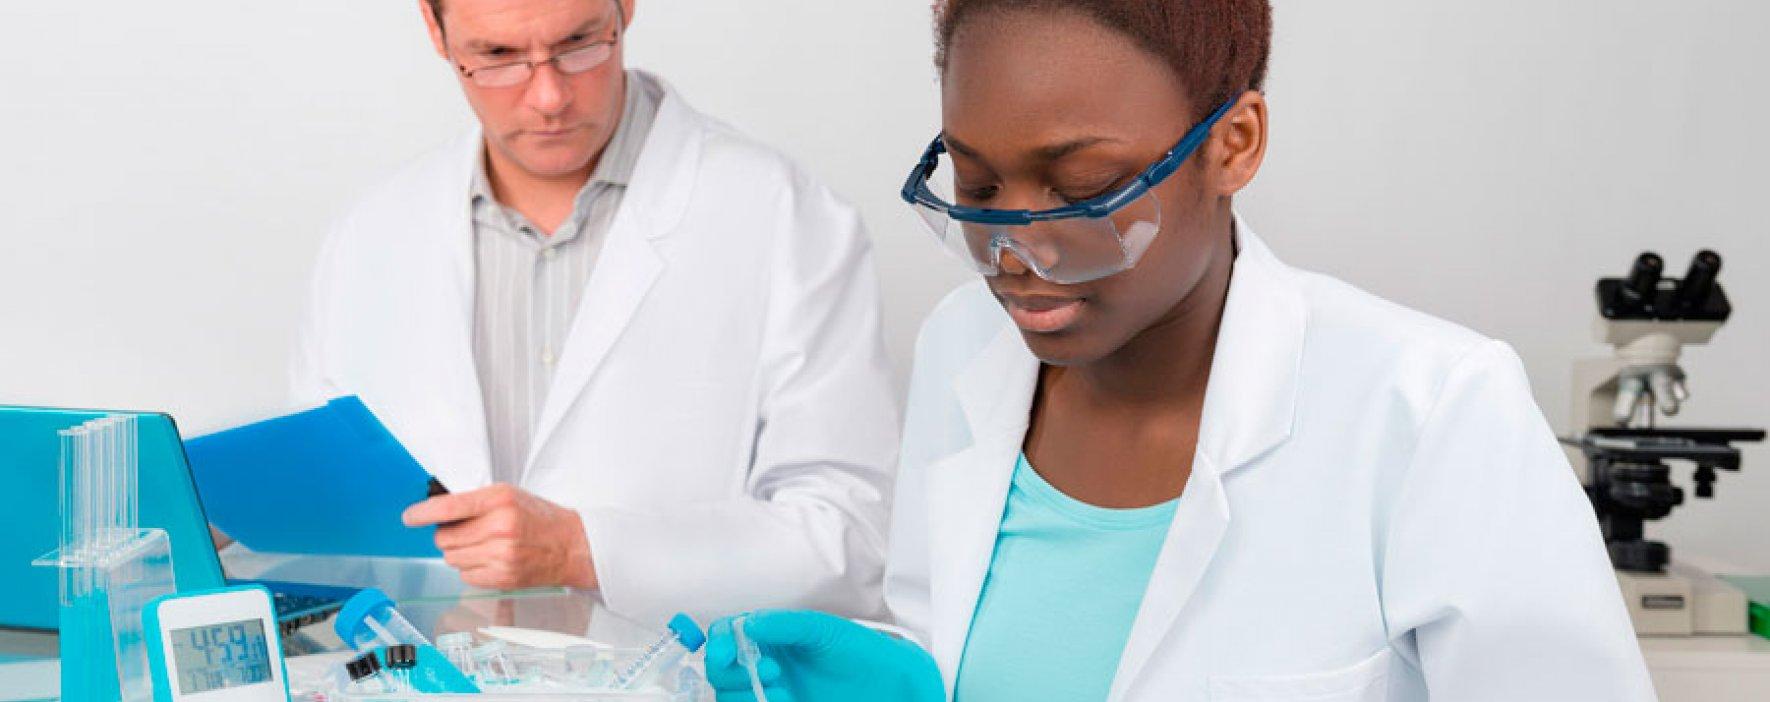 Las mejores universidades en investigación científica del país